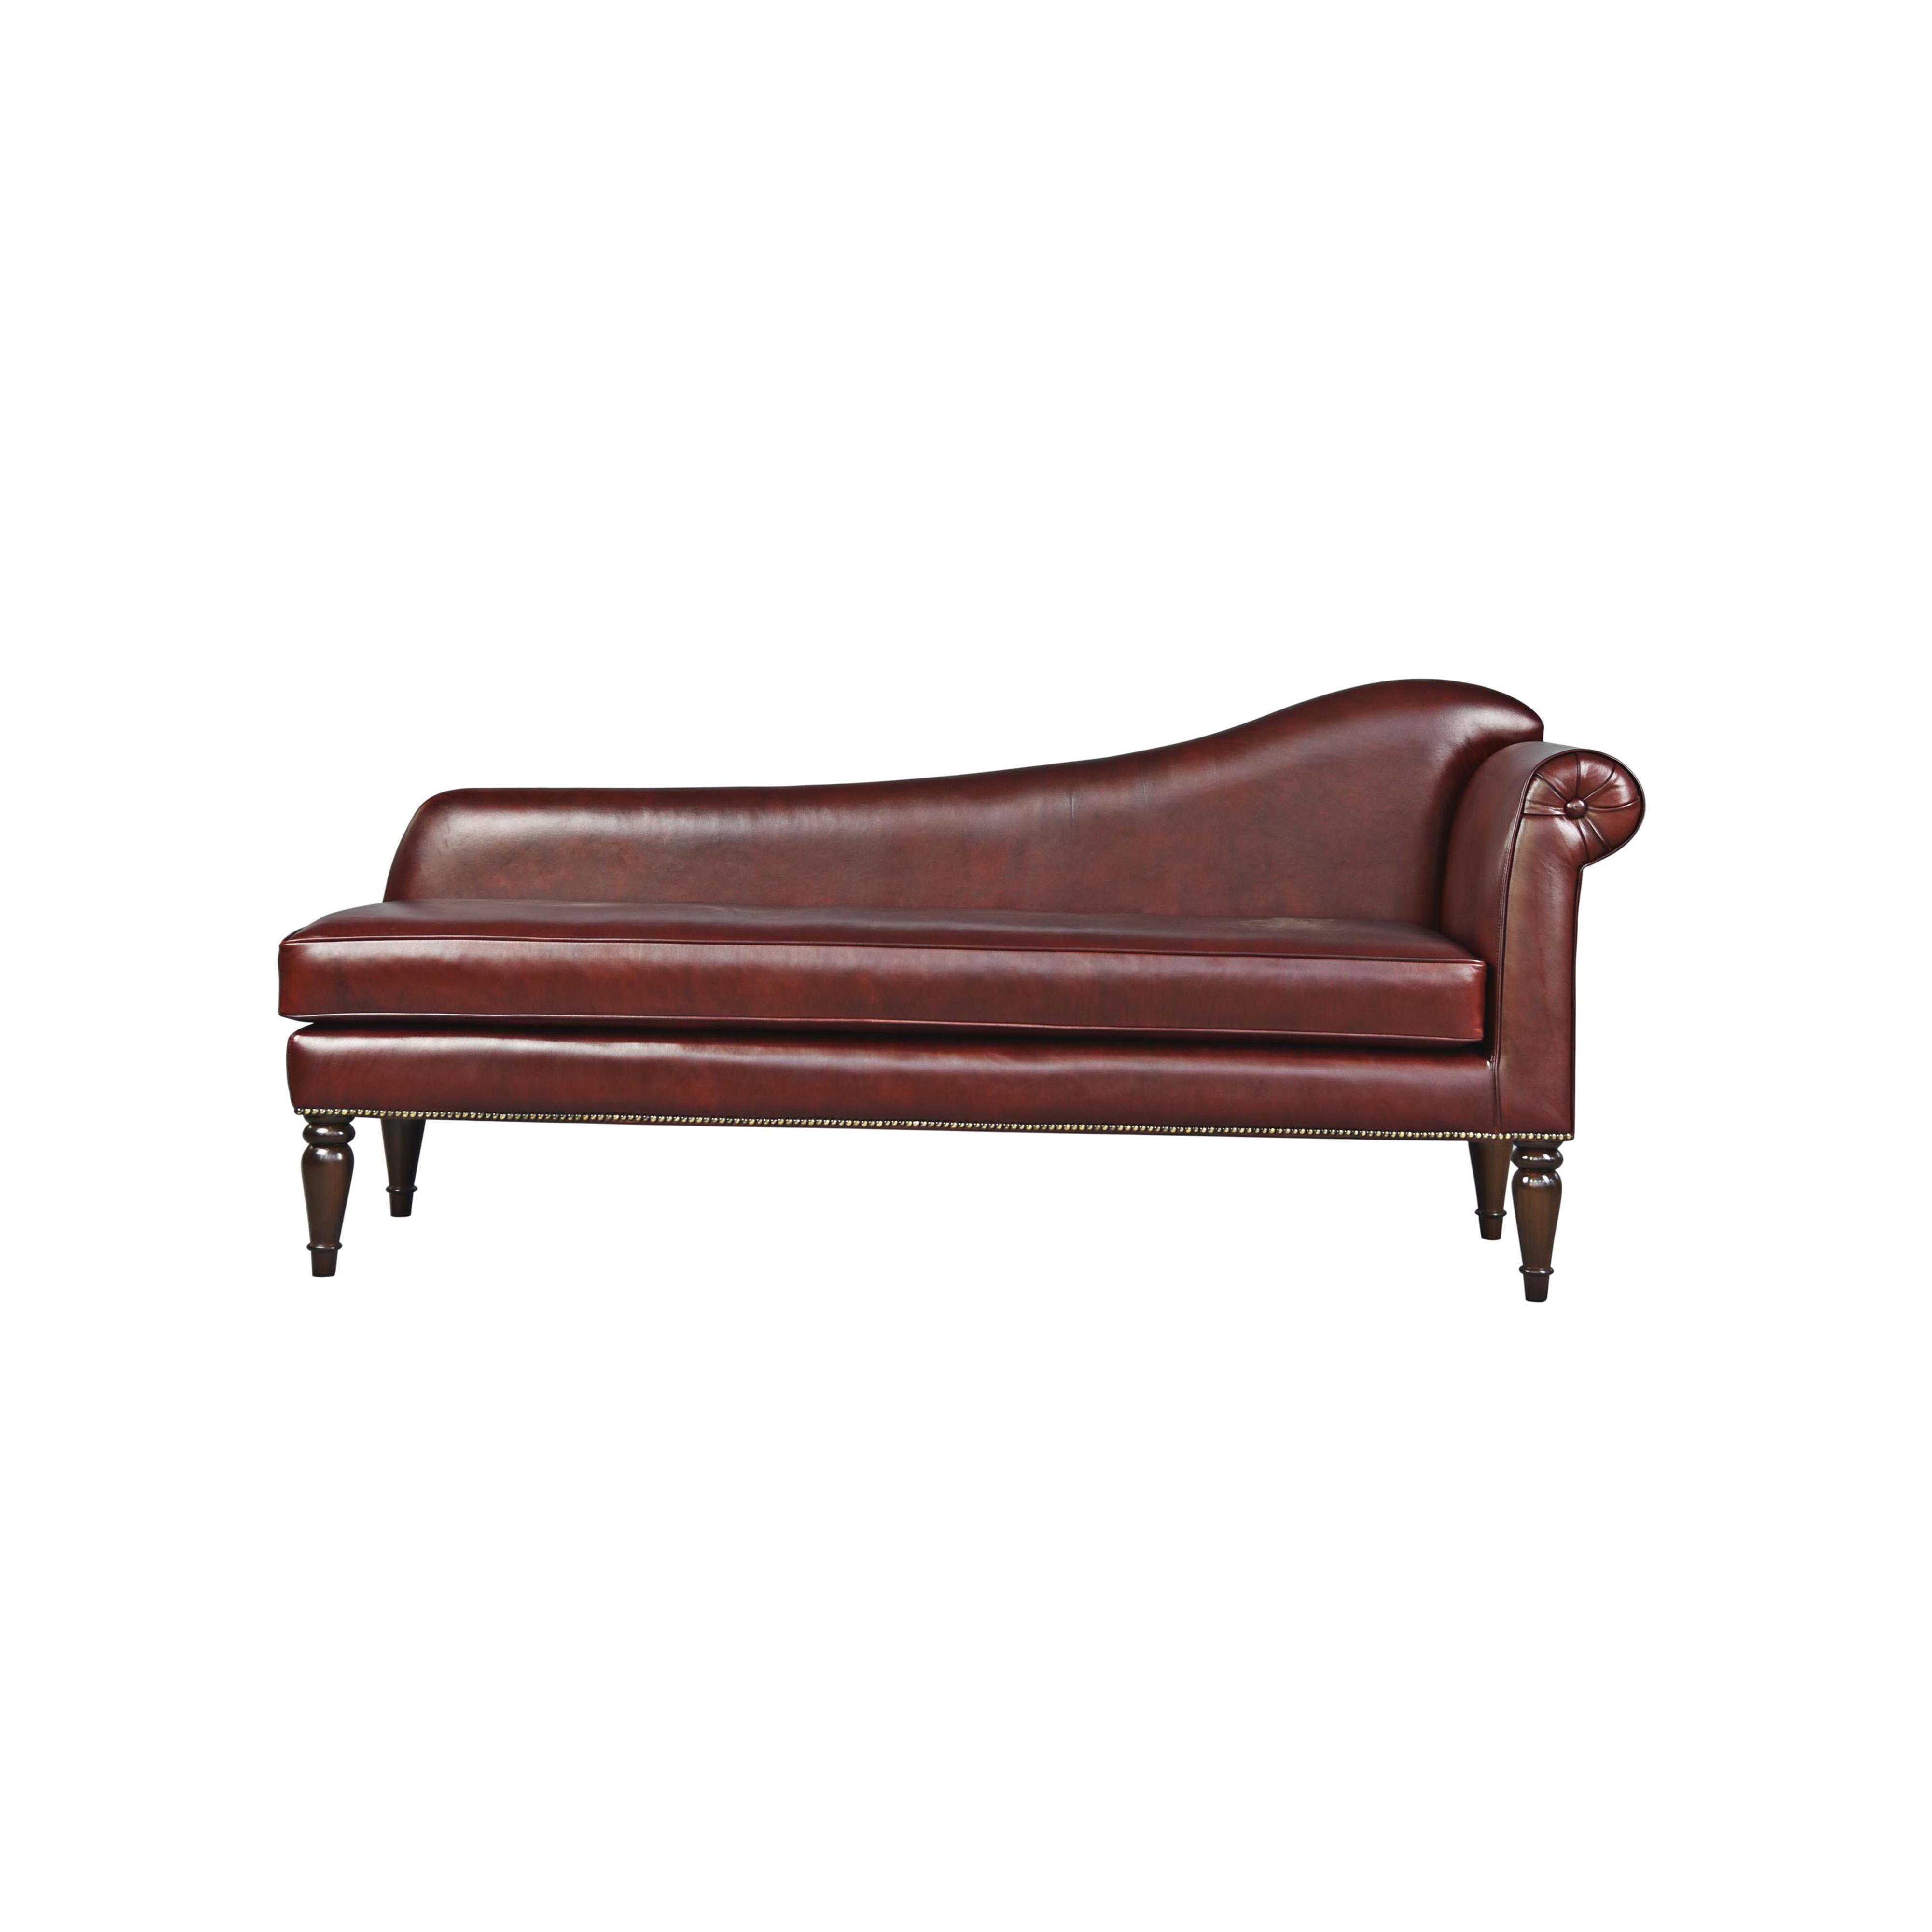 Marée chaise lounge